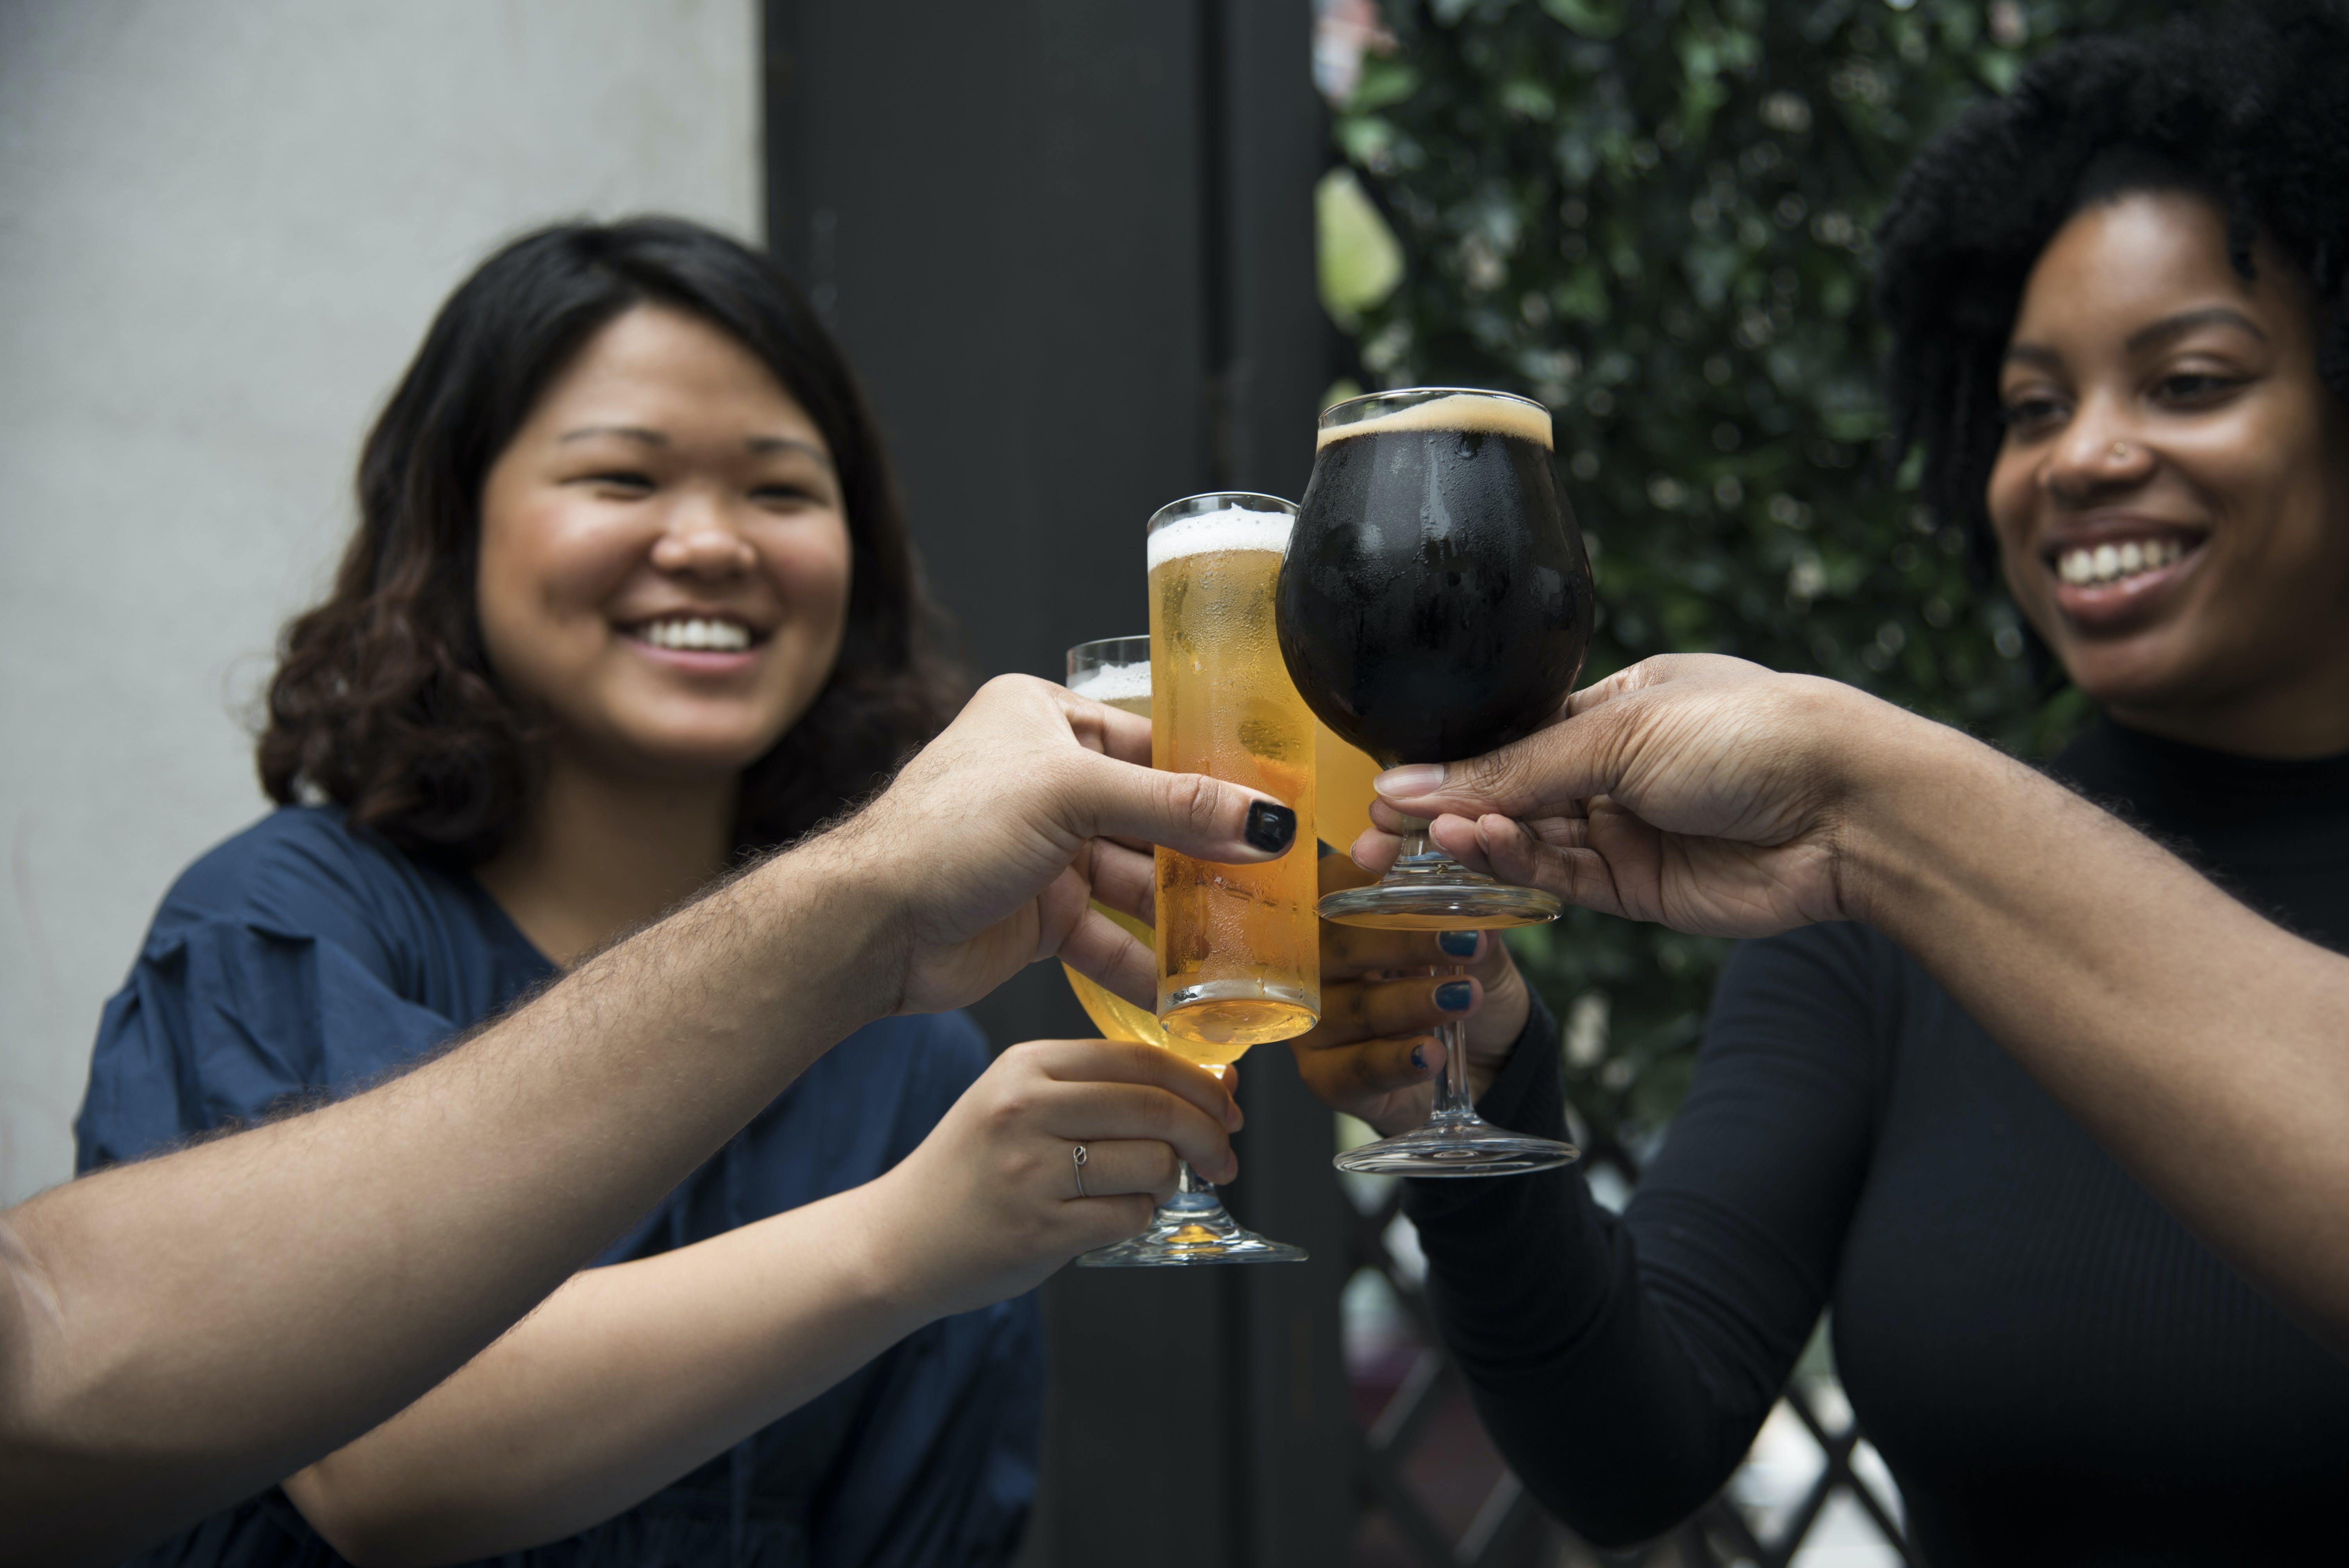 Women Holding Glasses Having Toasting